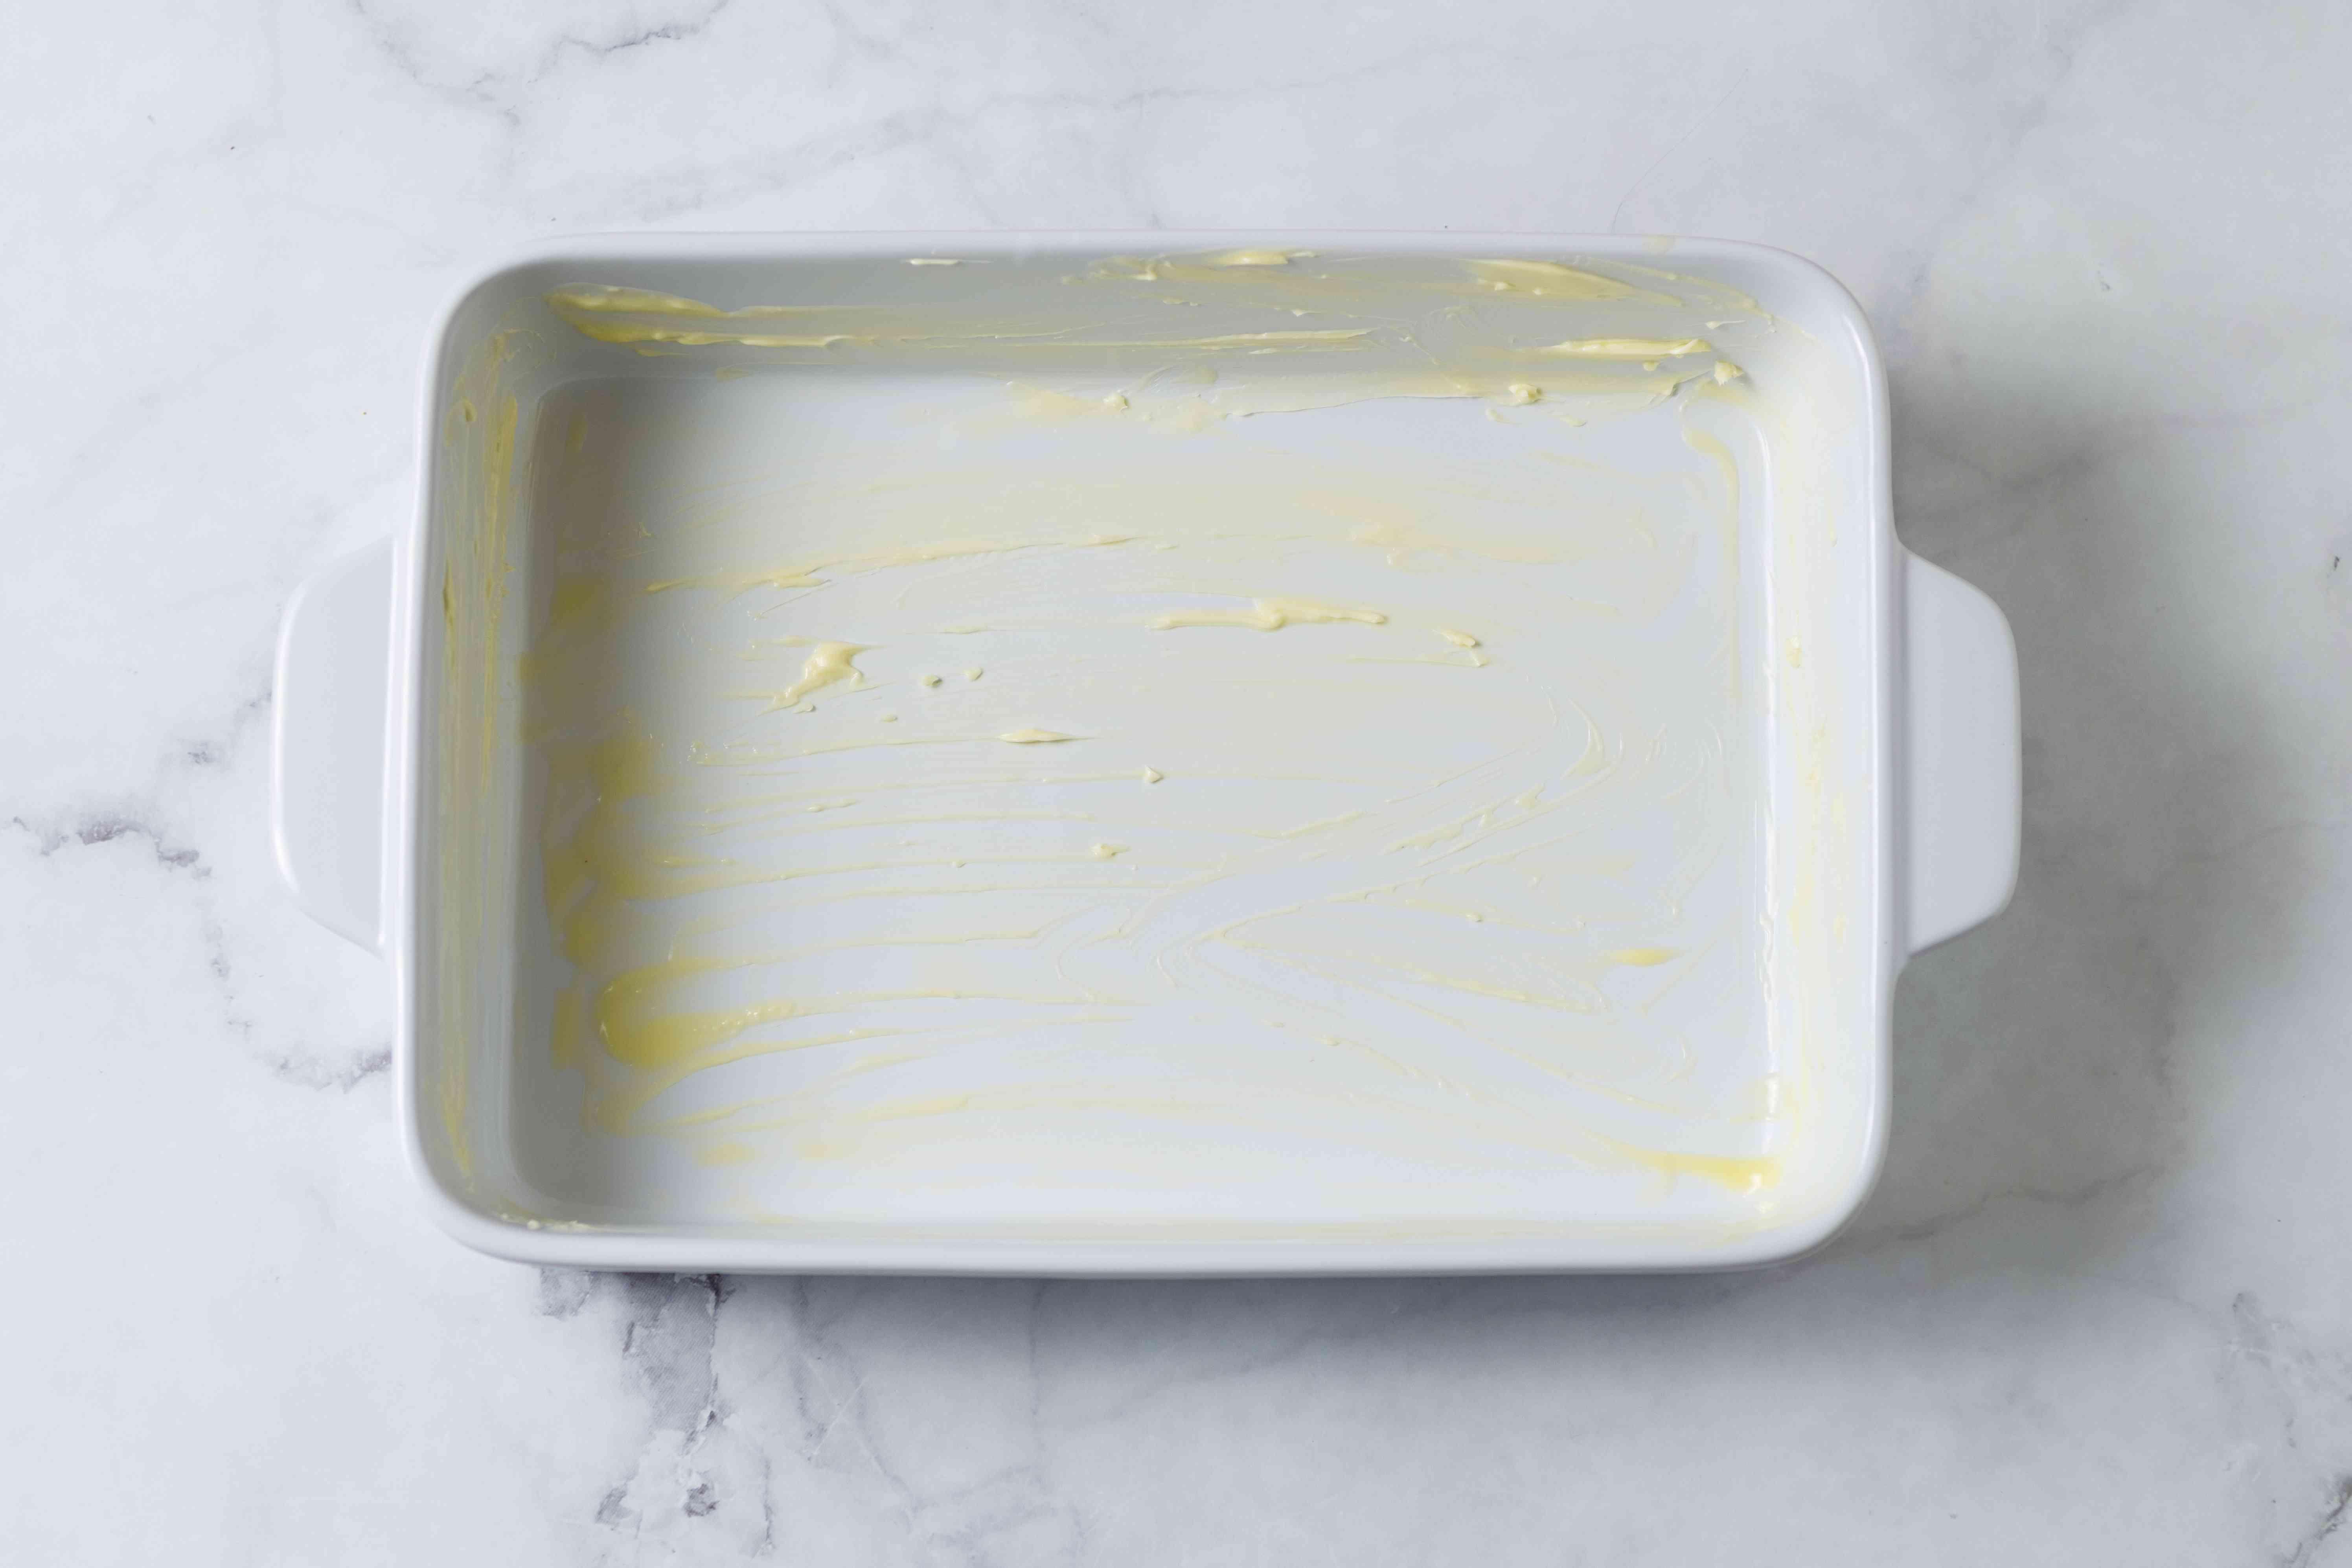 buttered casserole dish